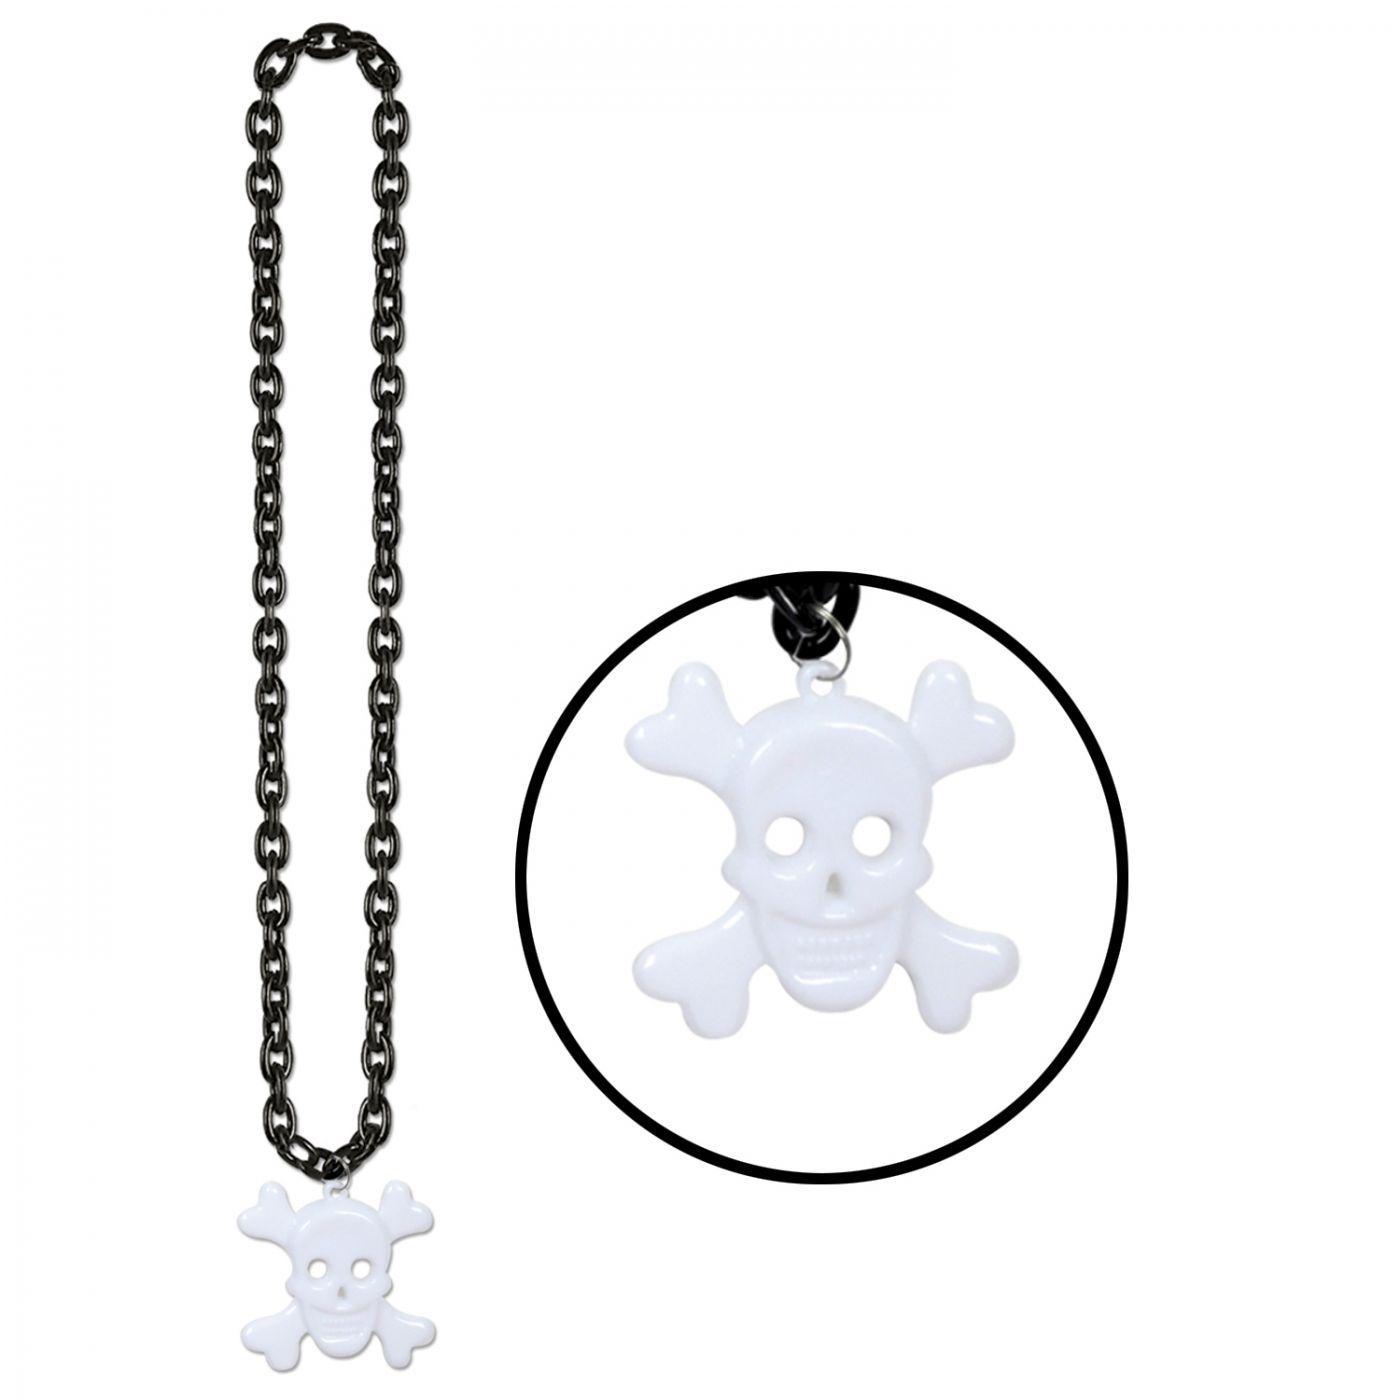 Chain Beads w/Skull & Crossbones Medal image